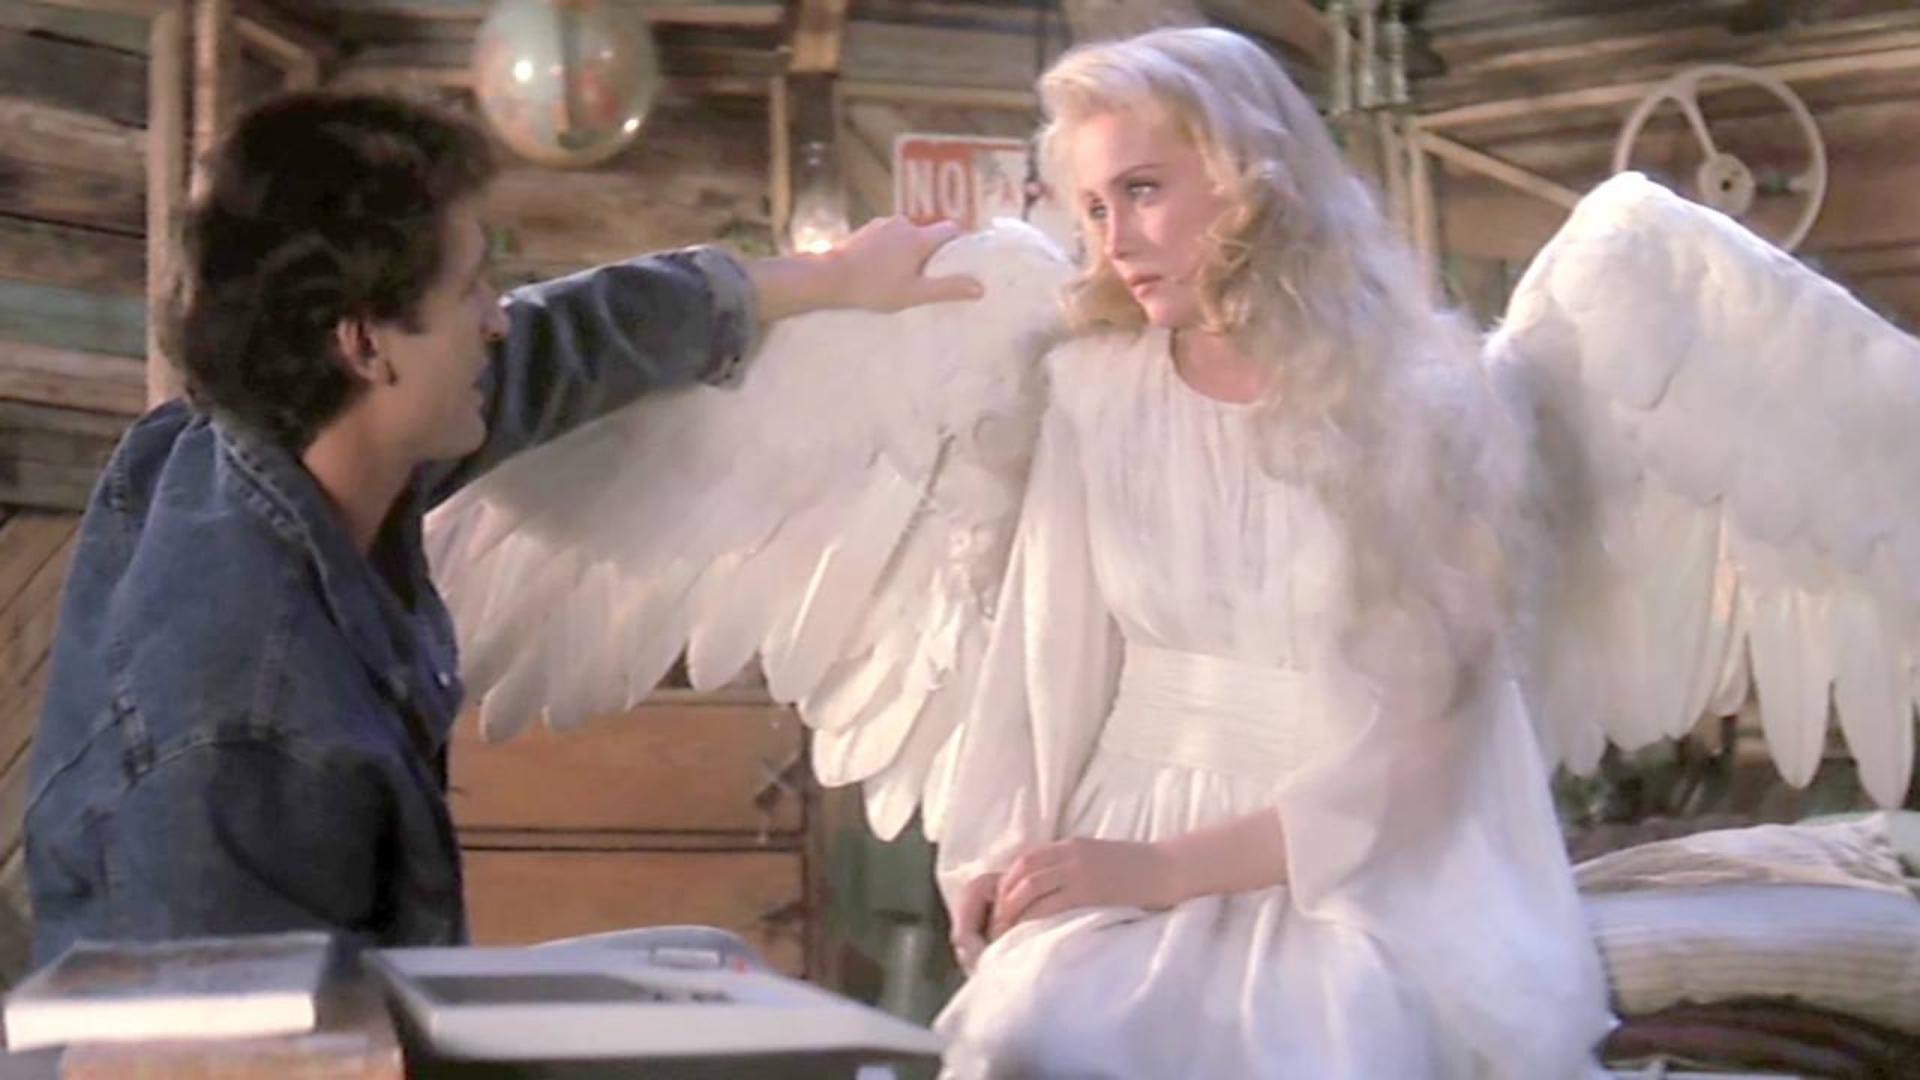 天使意外坠落人间,人们却想用她满足私欲,最后天使发怒了!速看奇幻电影《天使在人间》